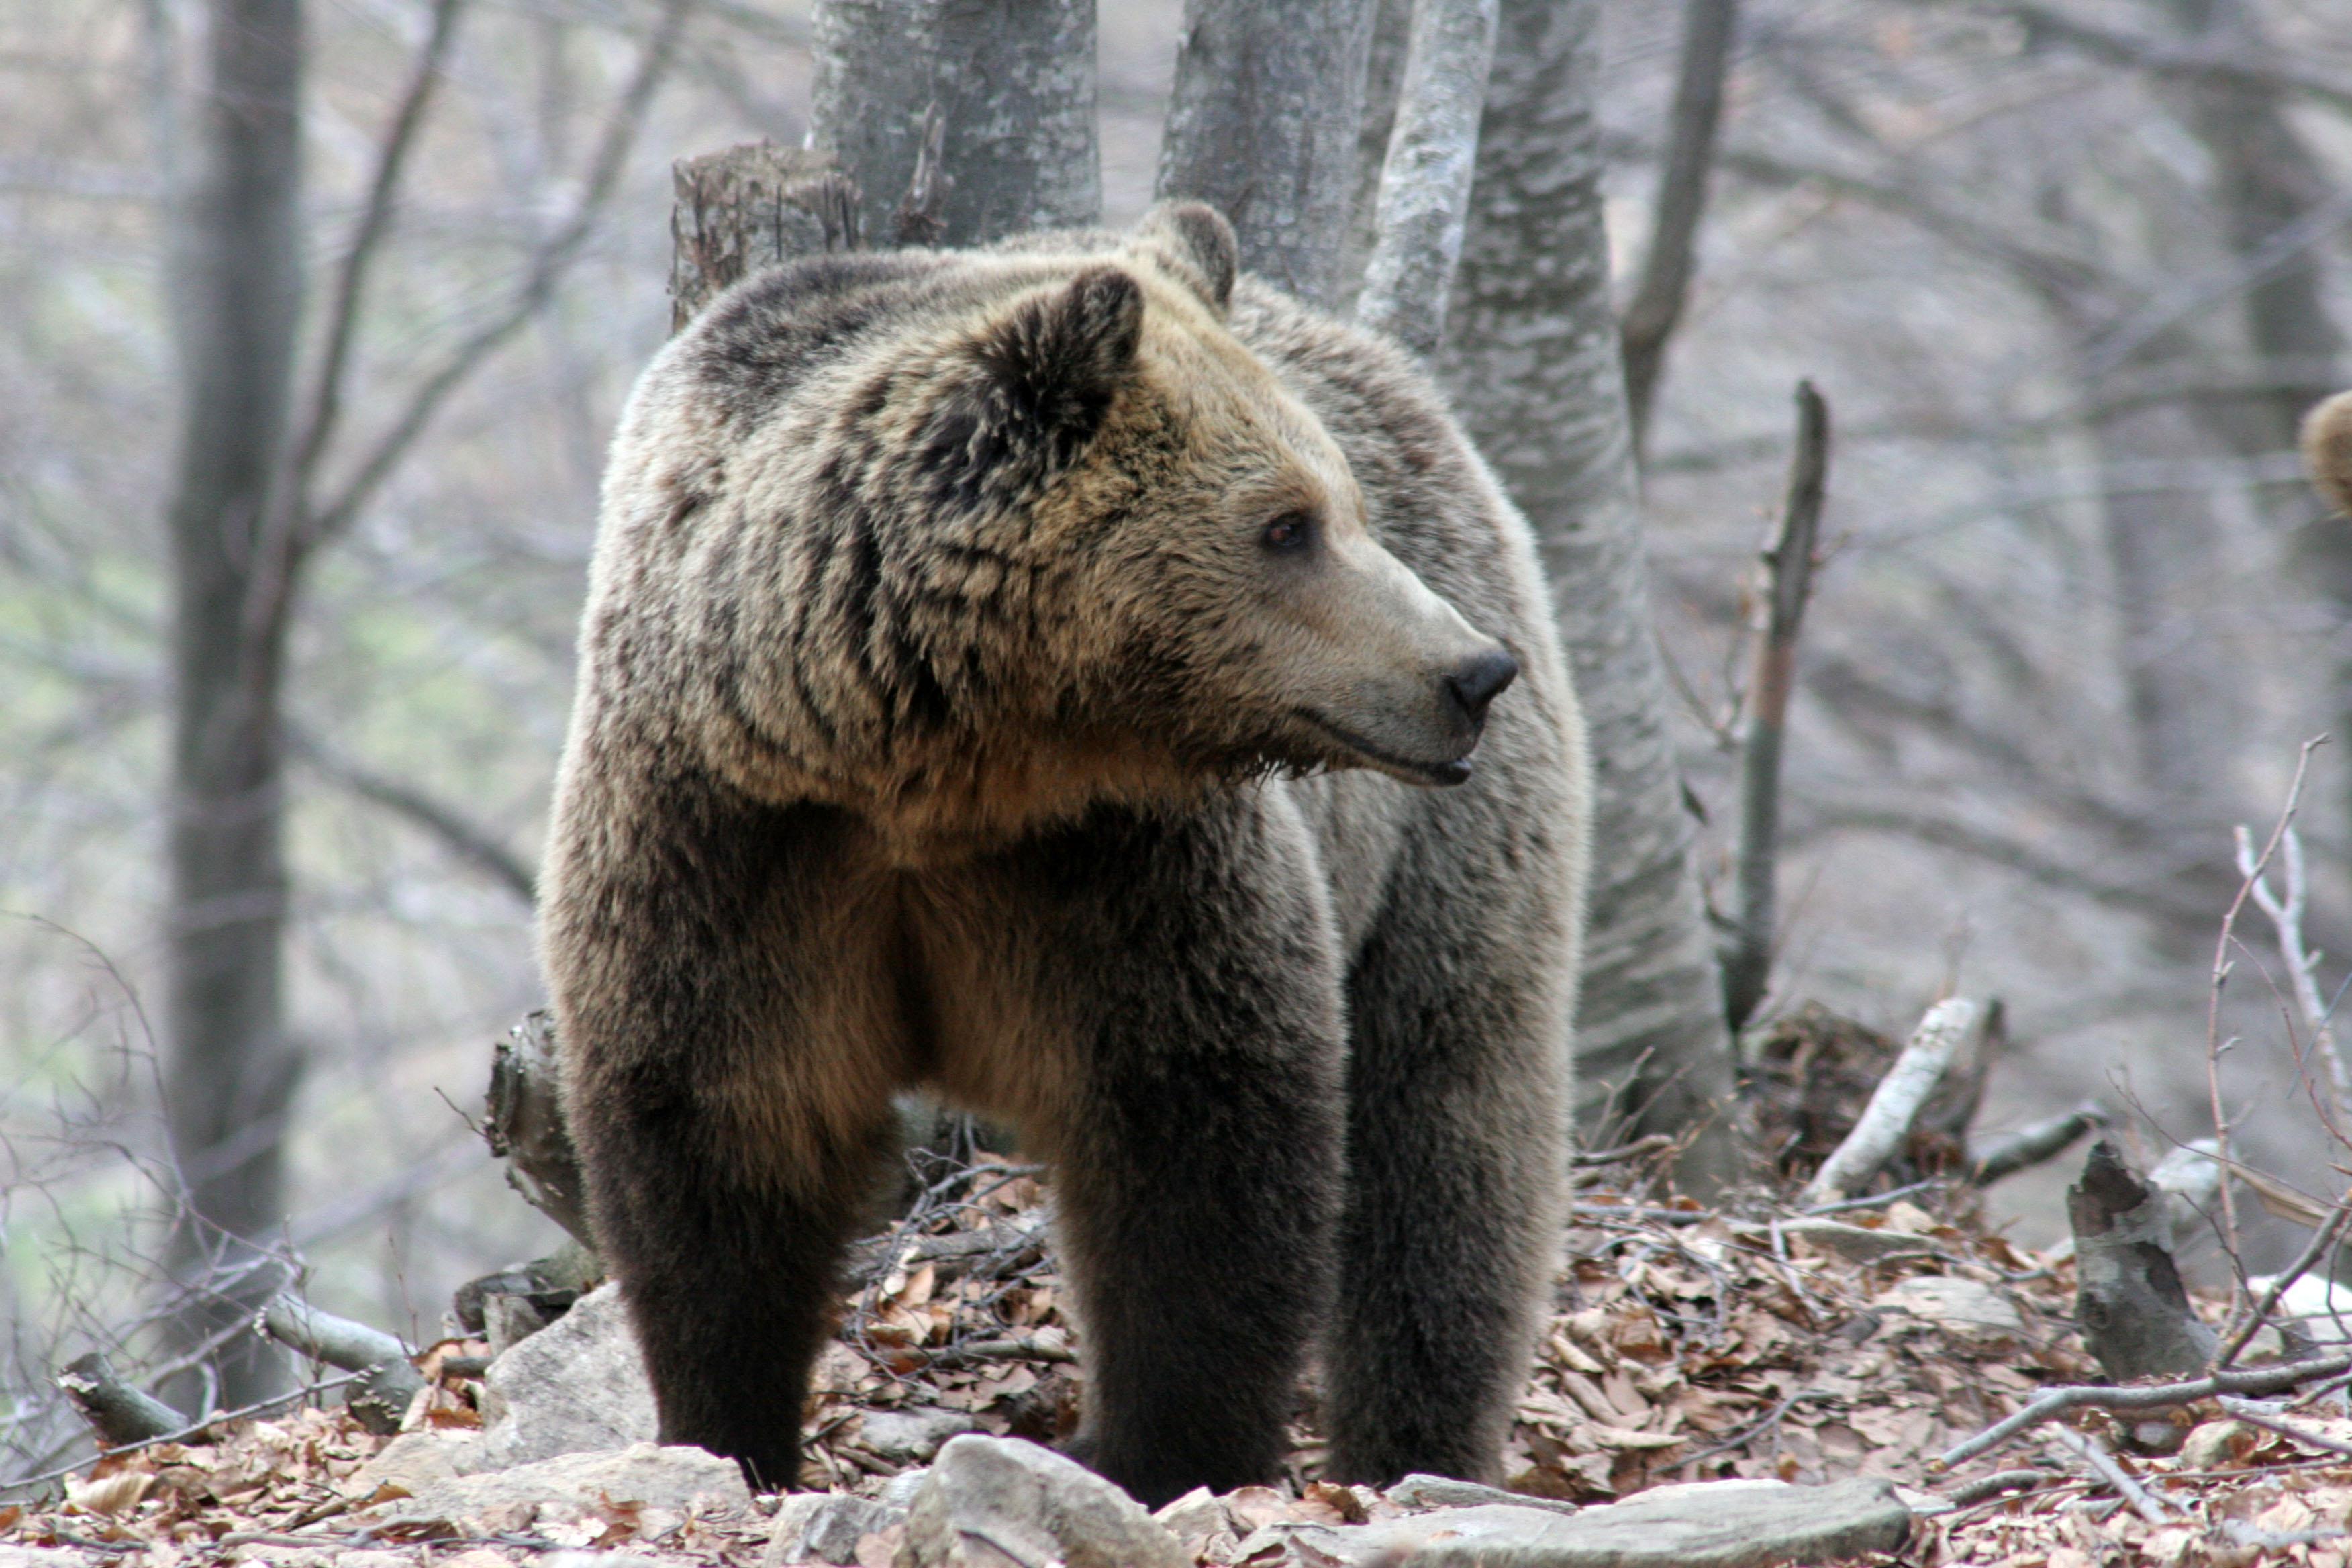 Φλώρινα: Αρκούδα νεκρή στο Βροντερό Φλώρινας | tovima.gr